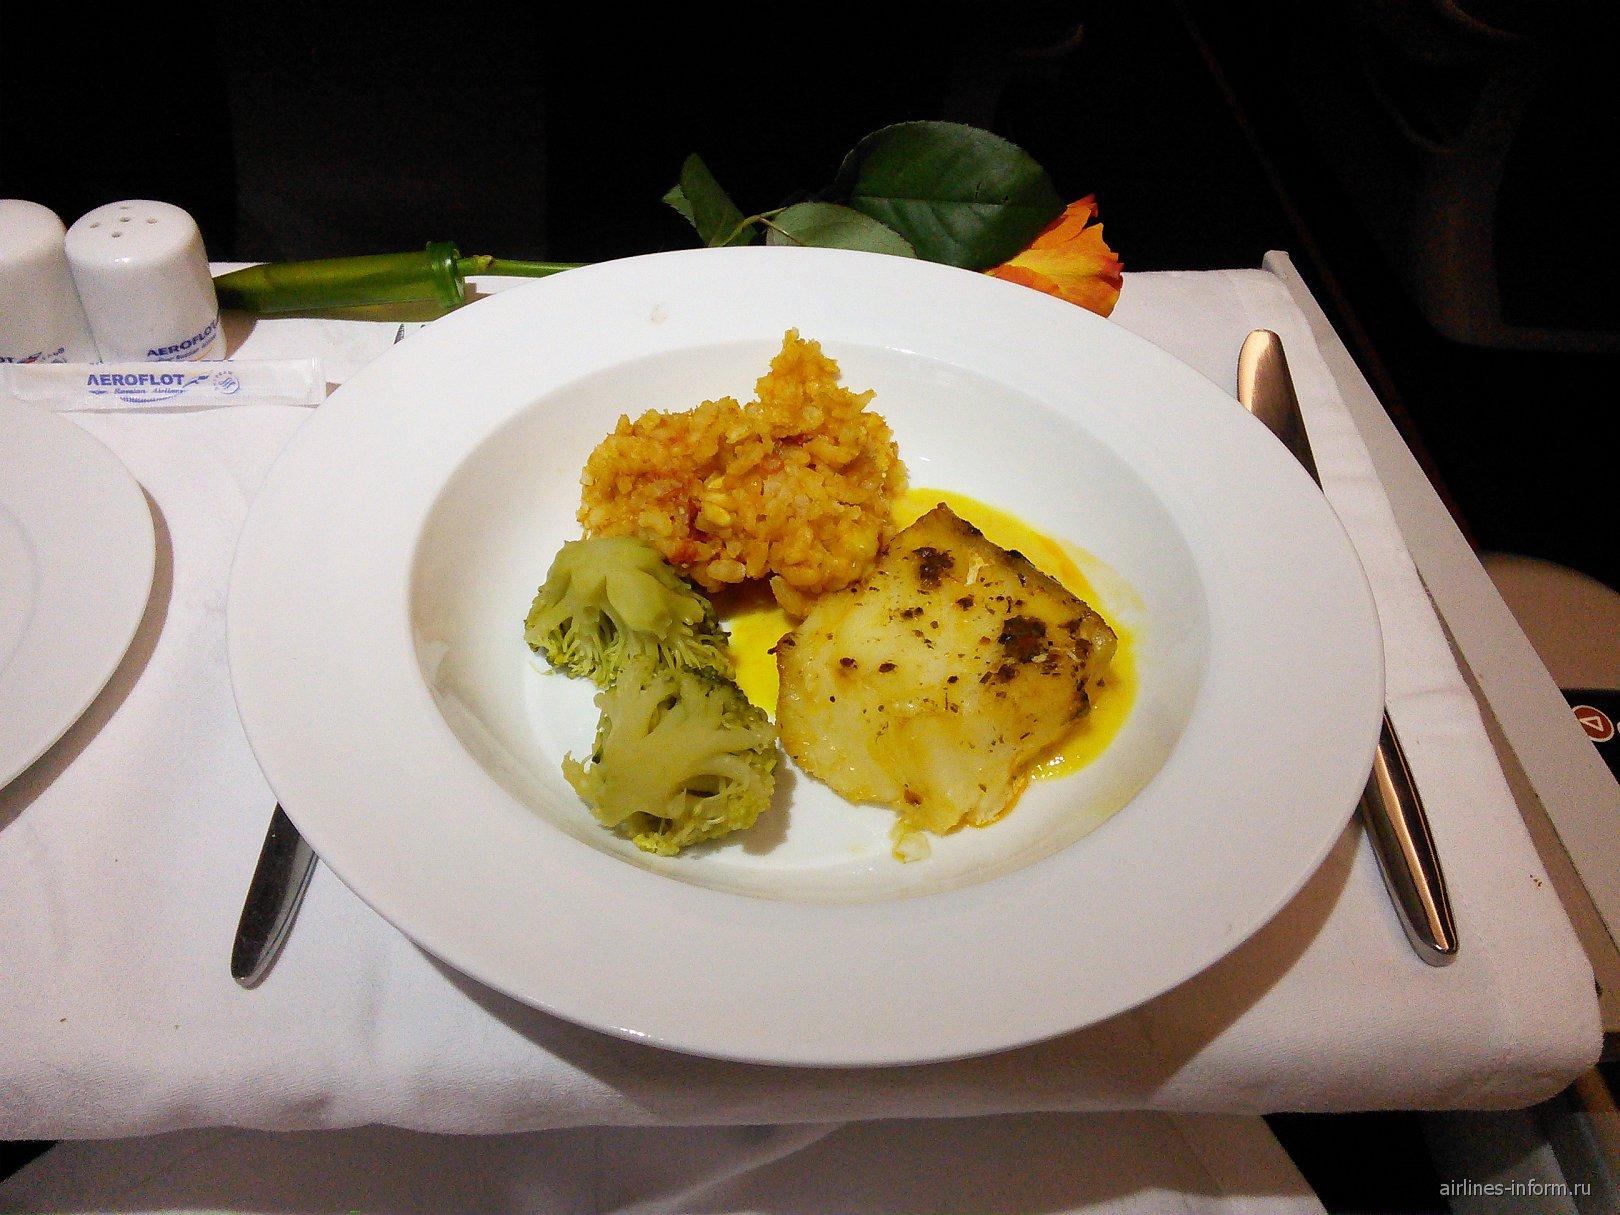 Основное блюдо в бизнес-классе Аэрофлота на рейсе Москва-Владивосток